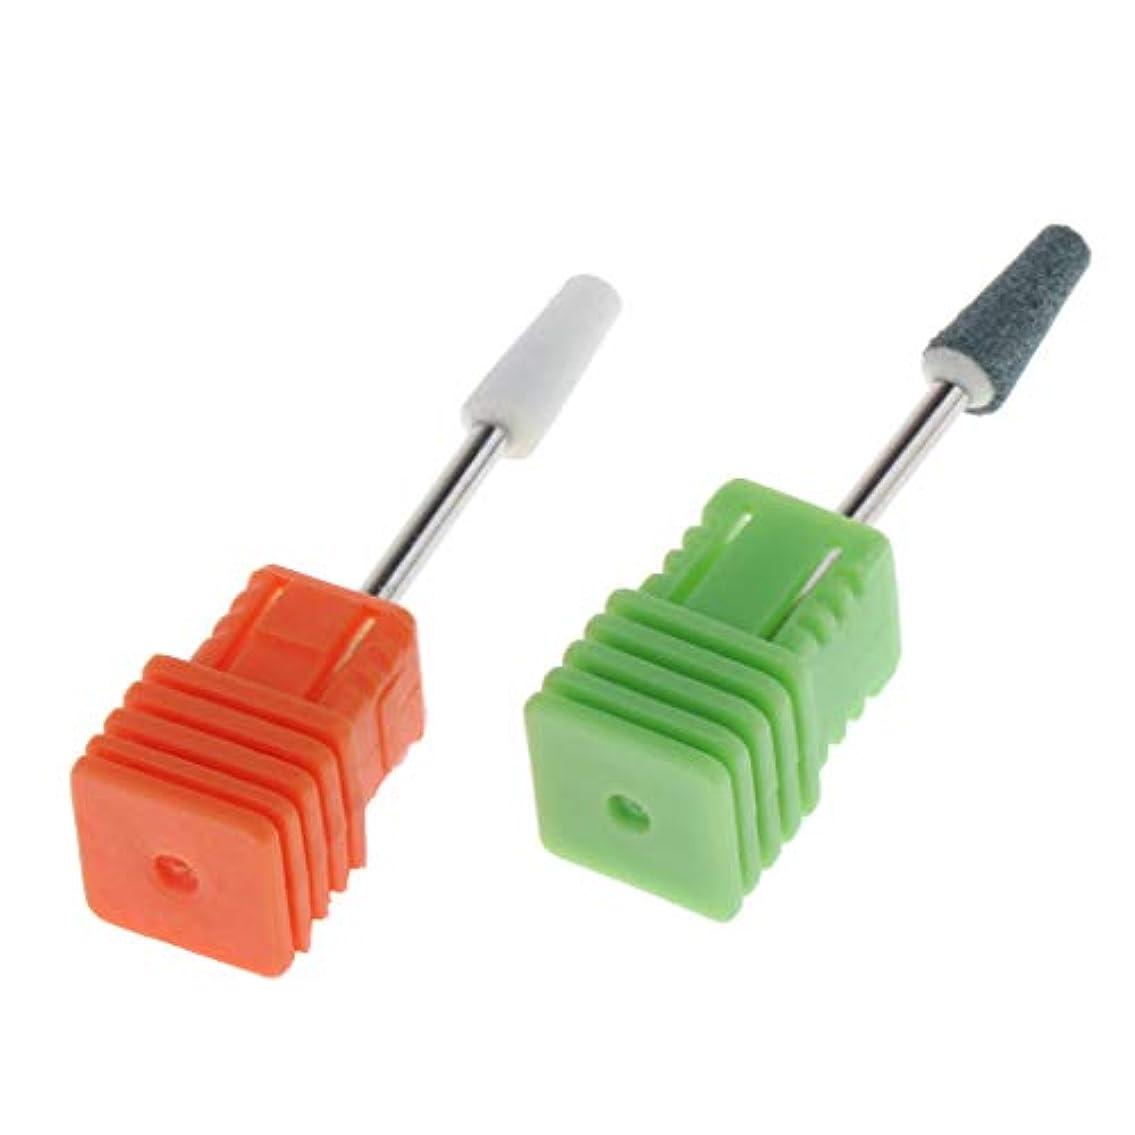 事日常的にを通してネイル グラインド ヘッド 爪 磨き ヘッド 研磨ヘッド マニキュアサロン アクセサリー 2個 全6選択 - 白+緑